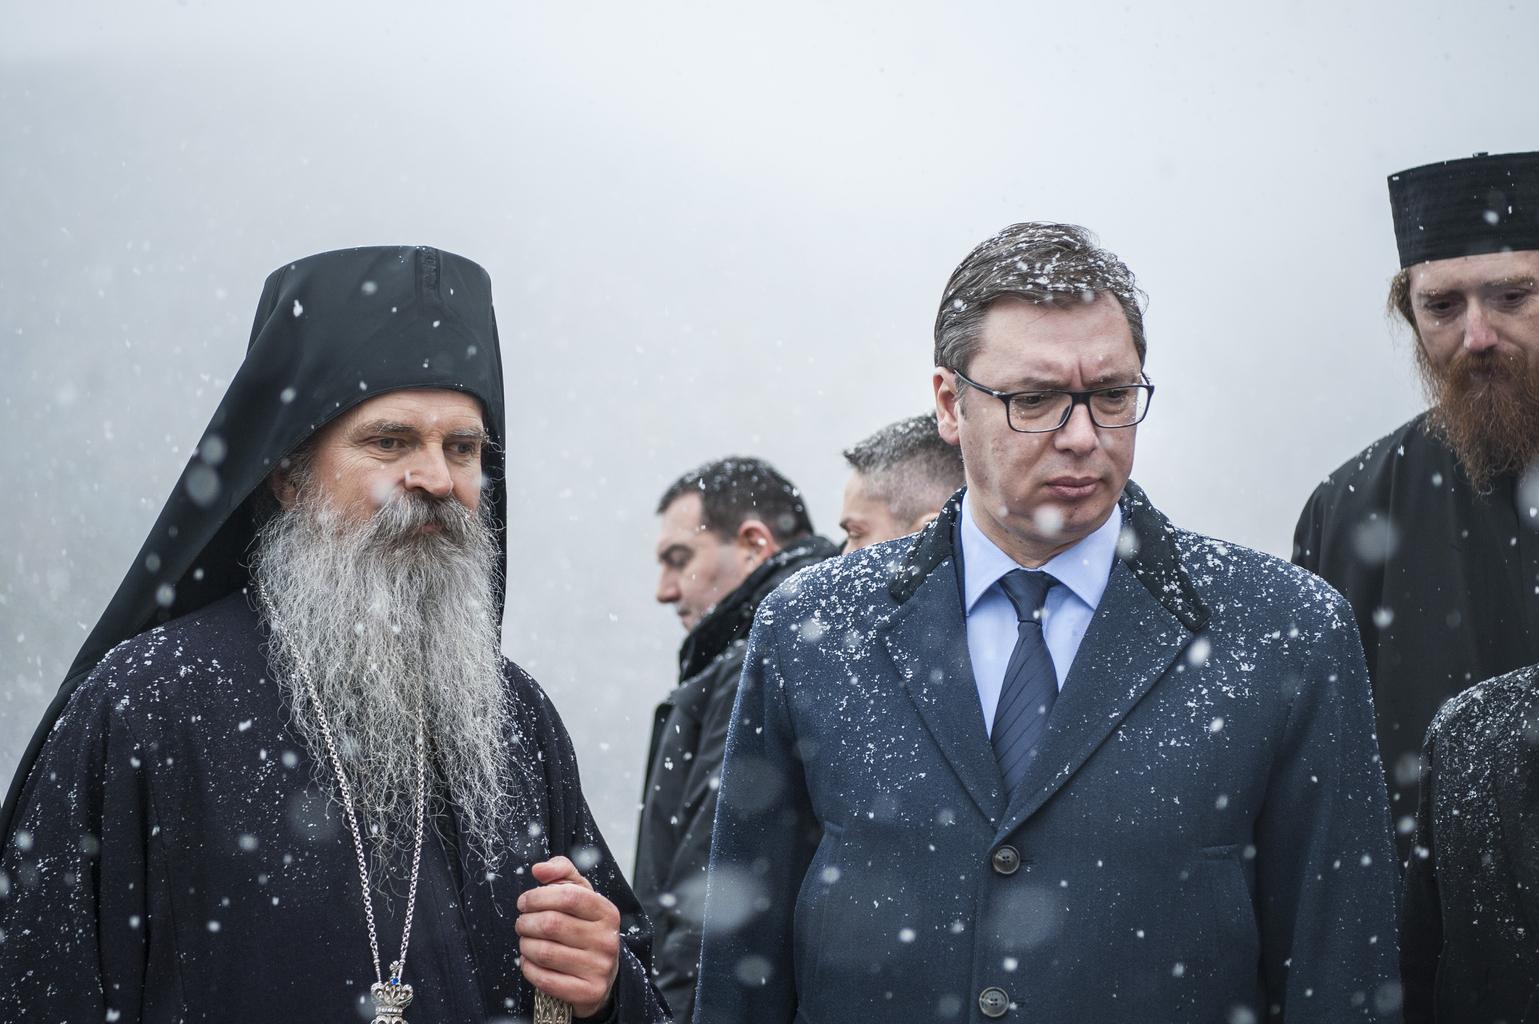 Alekszandar Vucsics szerb elnök Teodosije szerb ortodox püspök társaságában a mitrovicai Banjska kolostorban Fotó:EUROPRESS/AFP/Armend Nimani #moszkvater